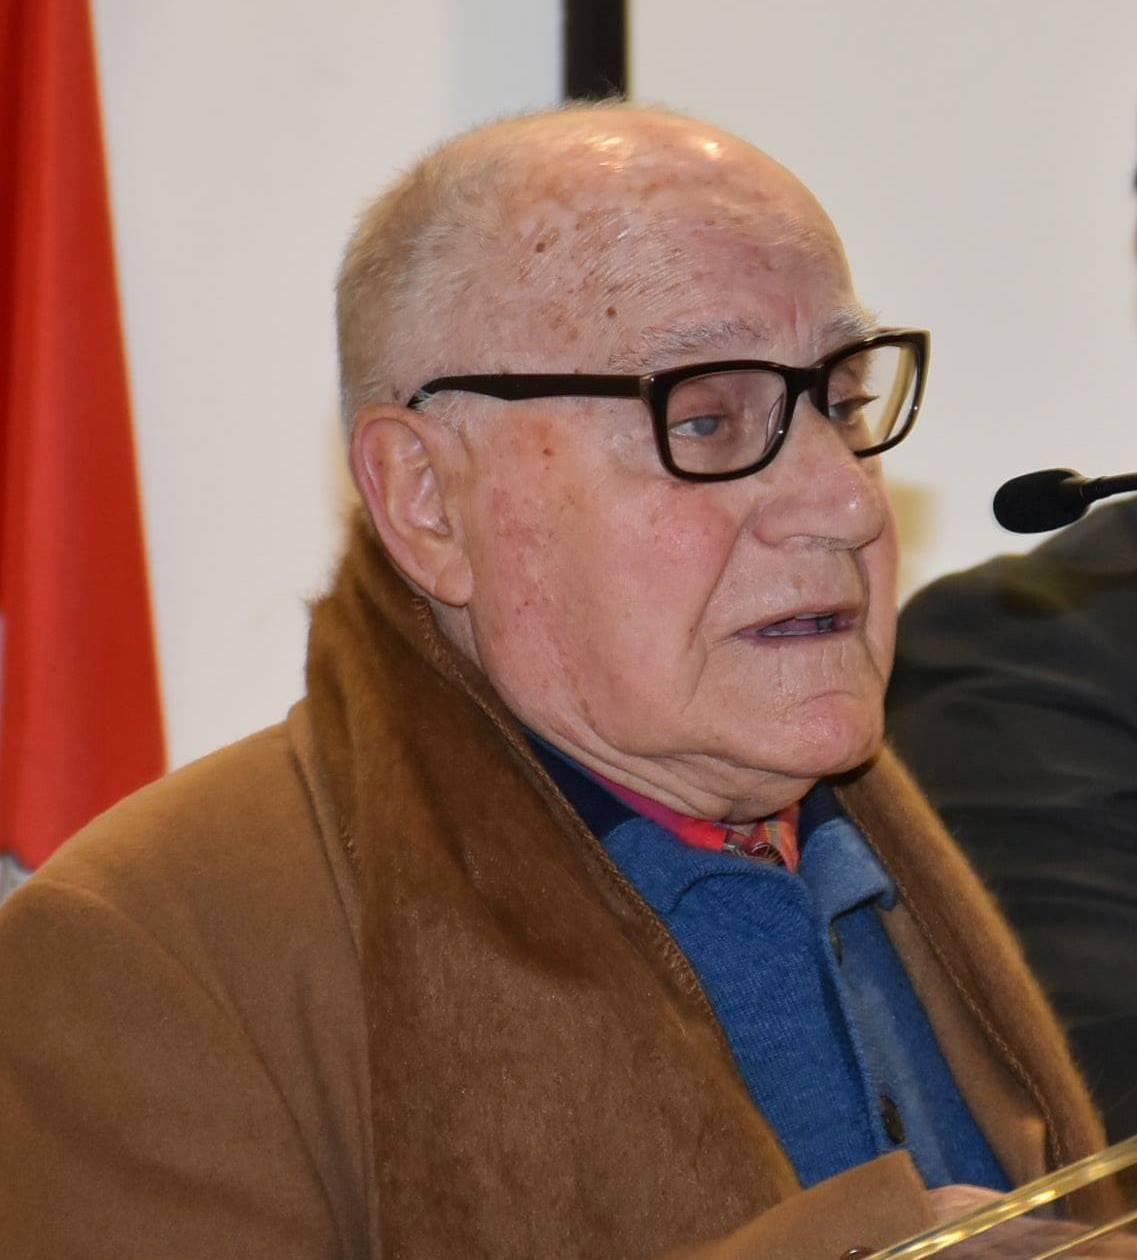 Falecimento de Asdrúbal Duarte Cunha - Decretado Luto Municipal